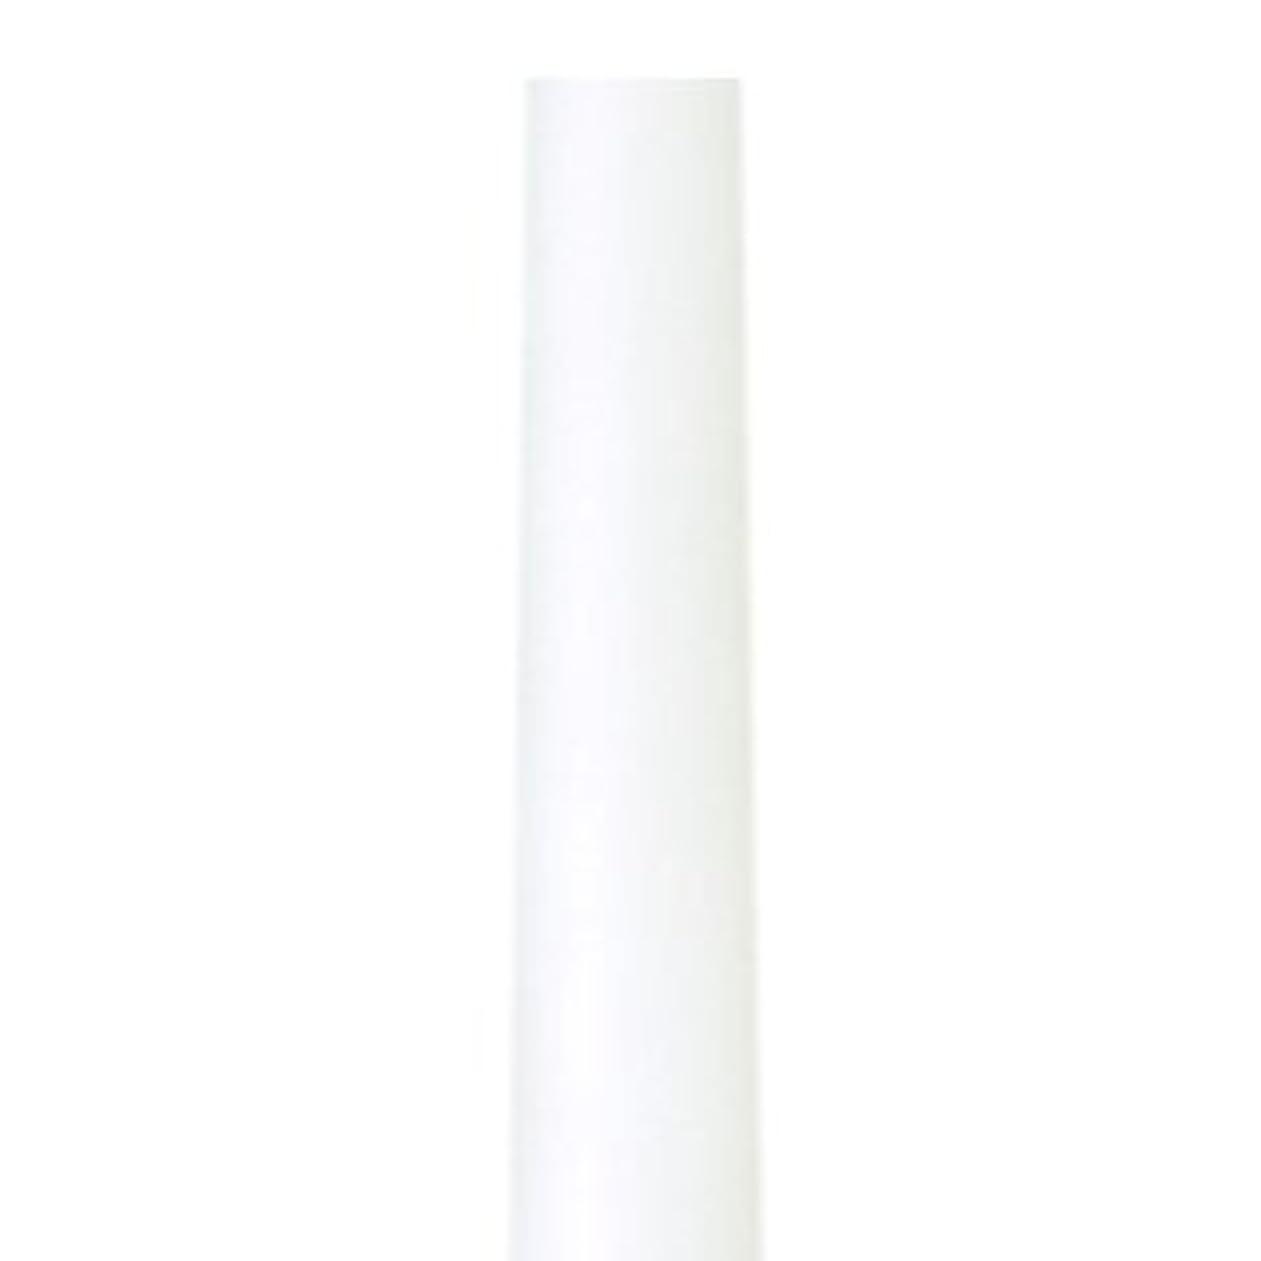 巨大な侵略疲れたテーパーキャンドル クラッシー ホワイト 蝋燭